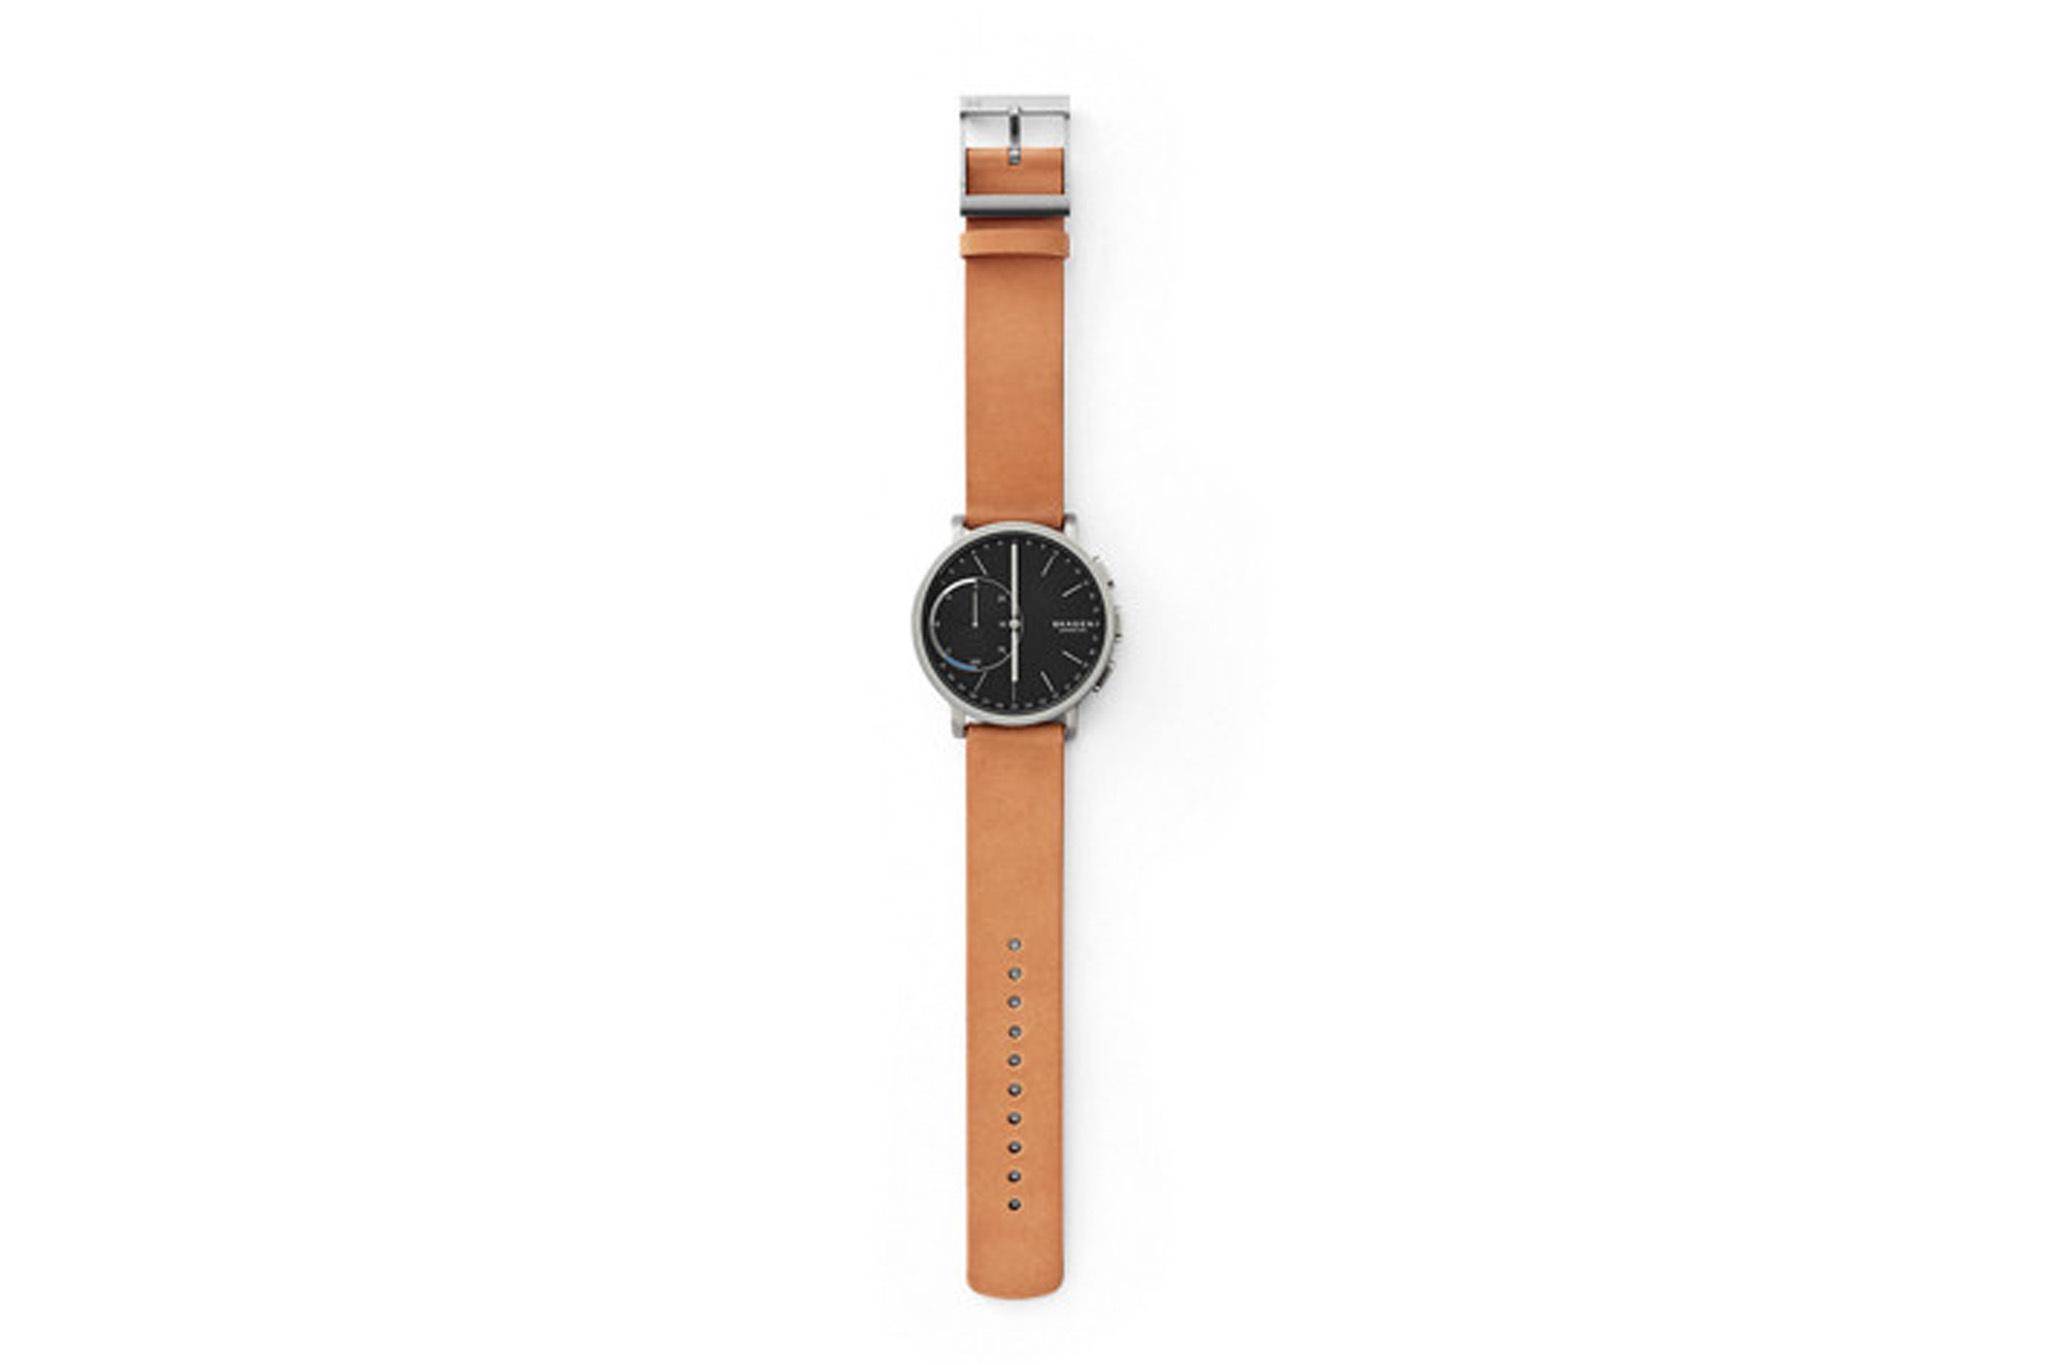 Skagen Hybrid Smartwatch – Hagen Titanium and Tan Leather